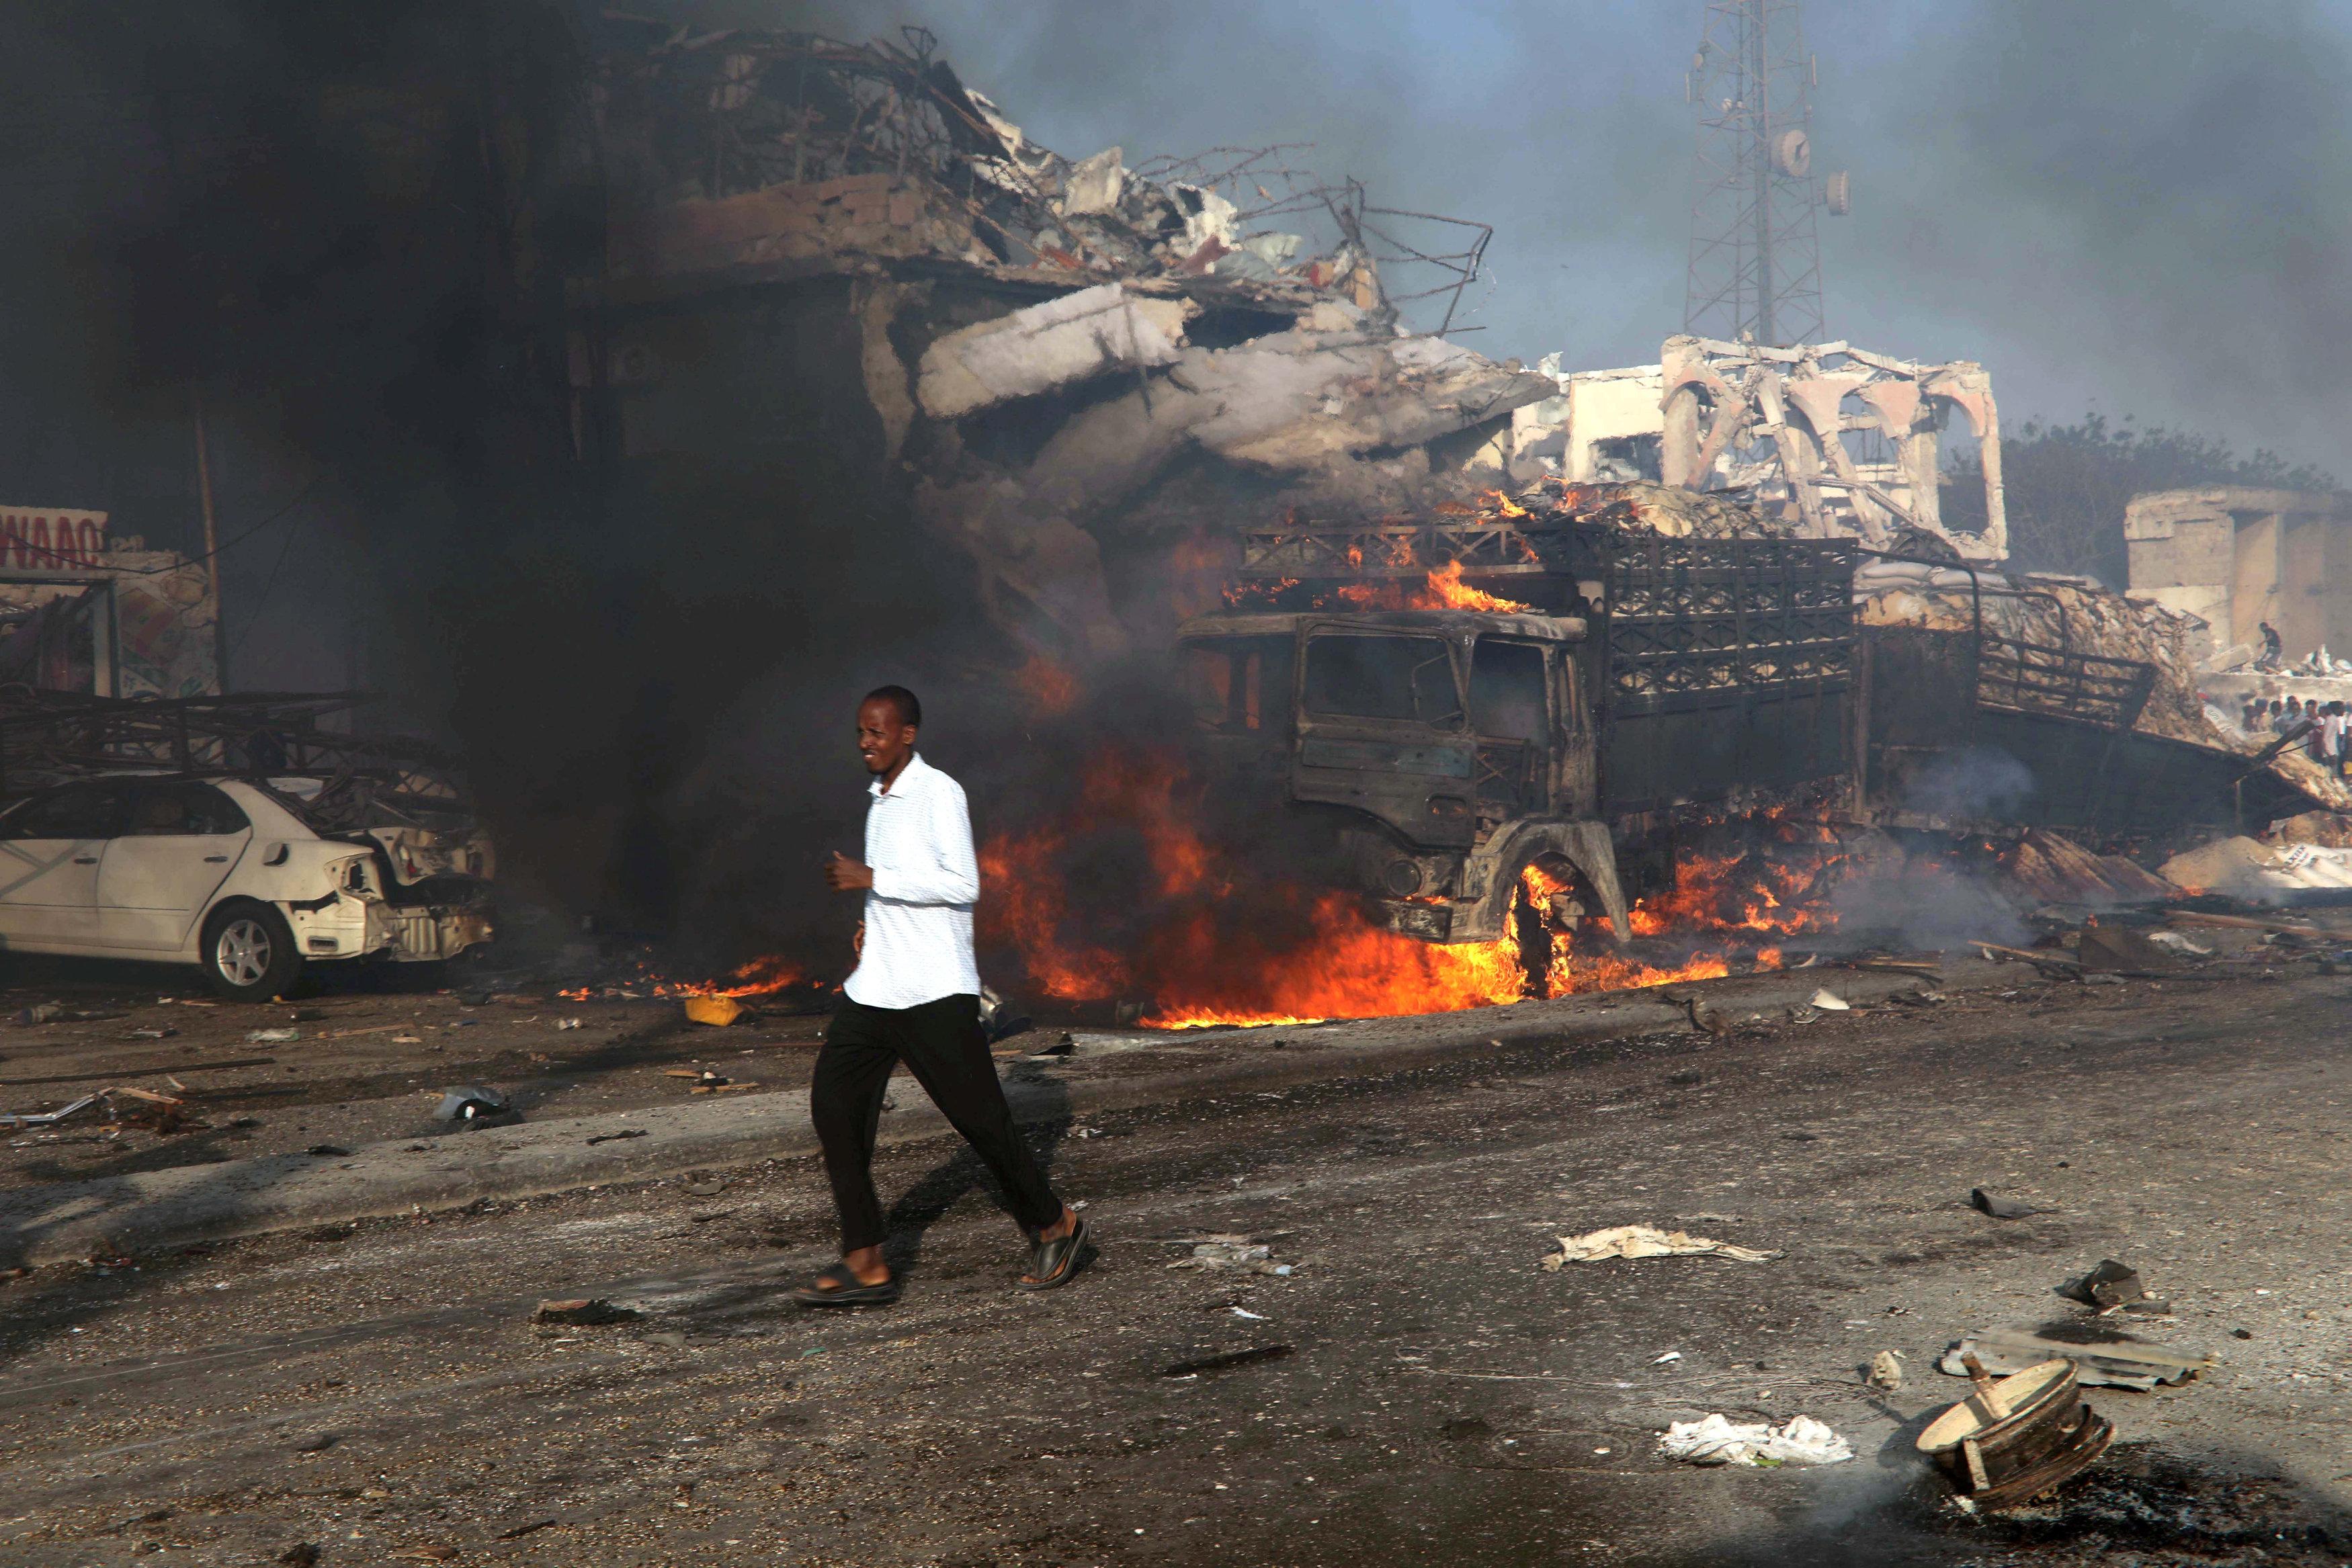 México condena enérgicamente ataque terrorista en Somalia con 315 muertos